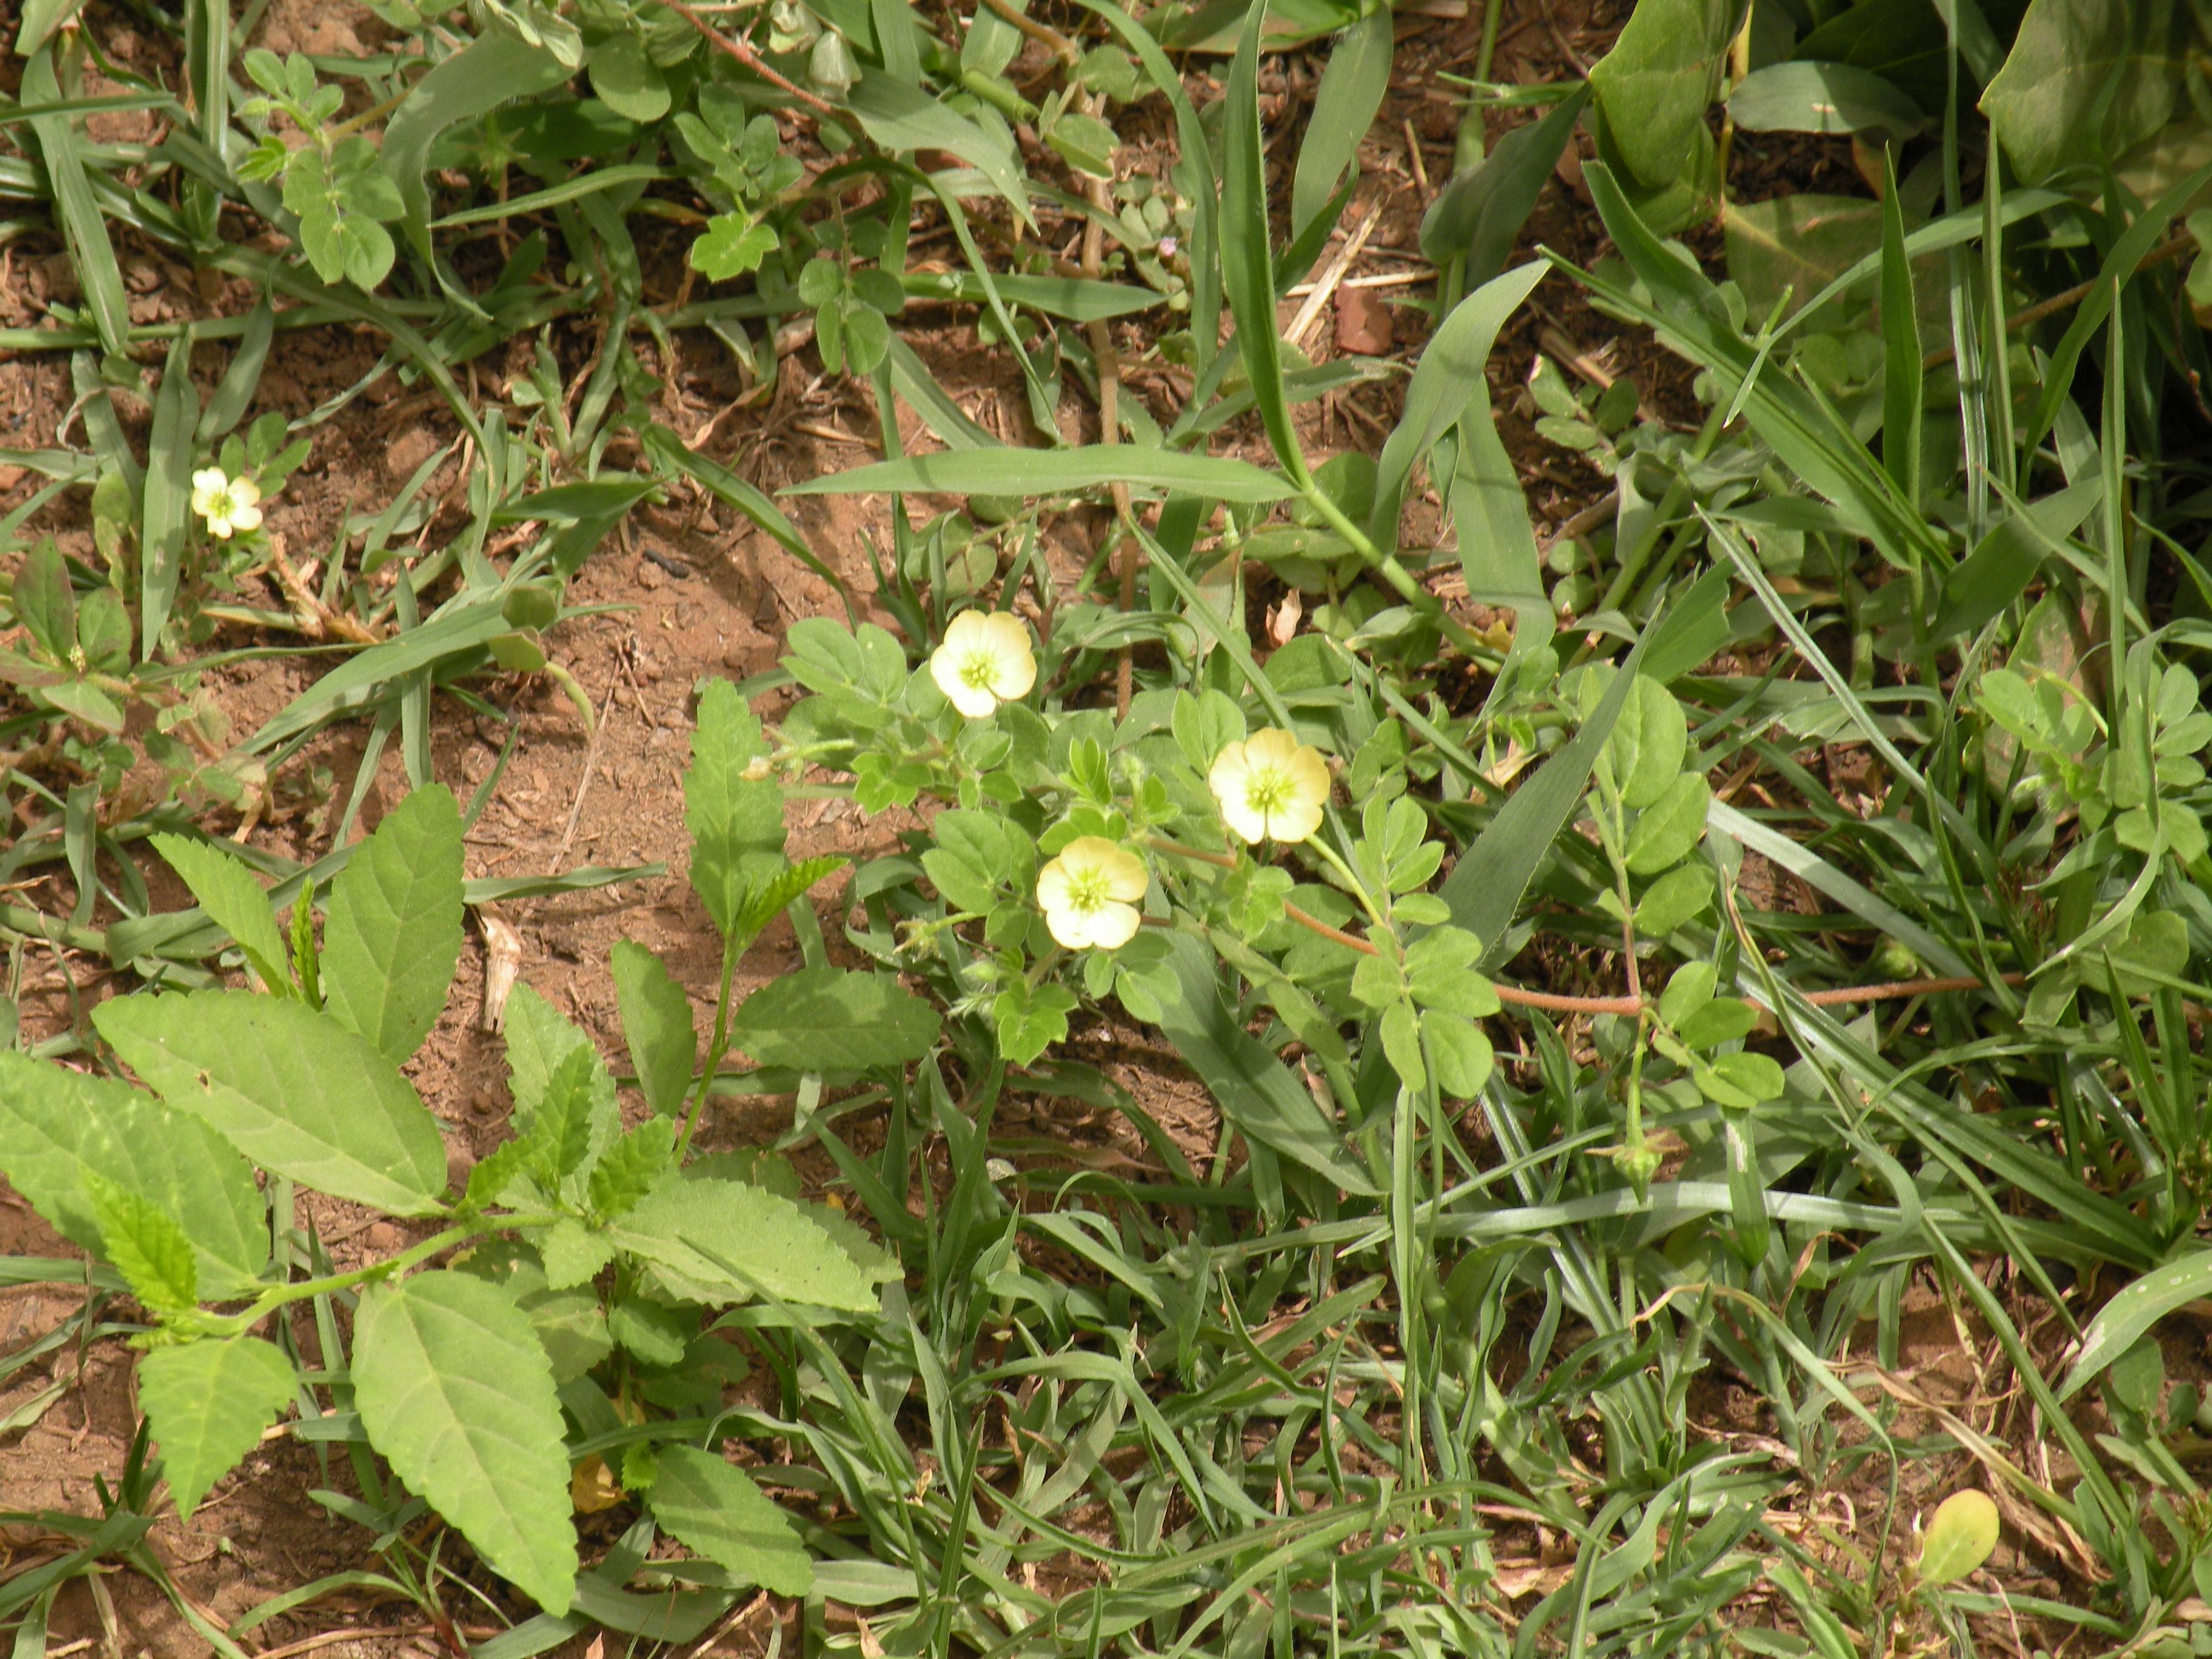 Flowering plant in garden